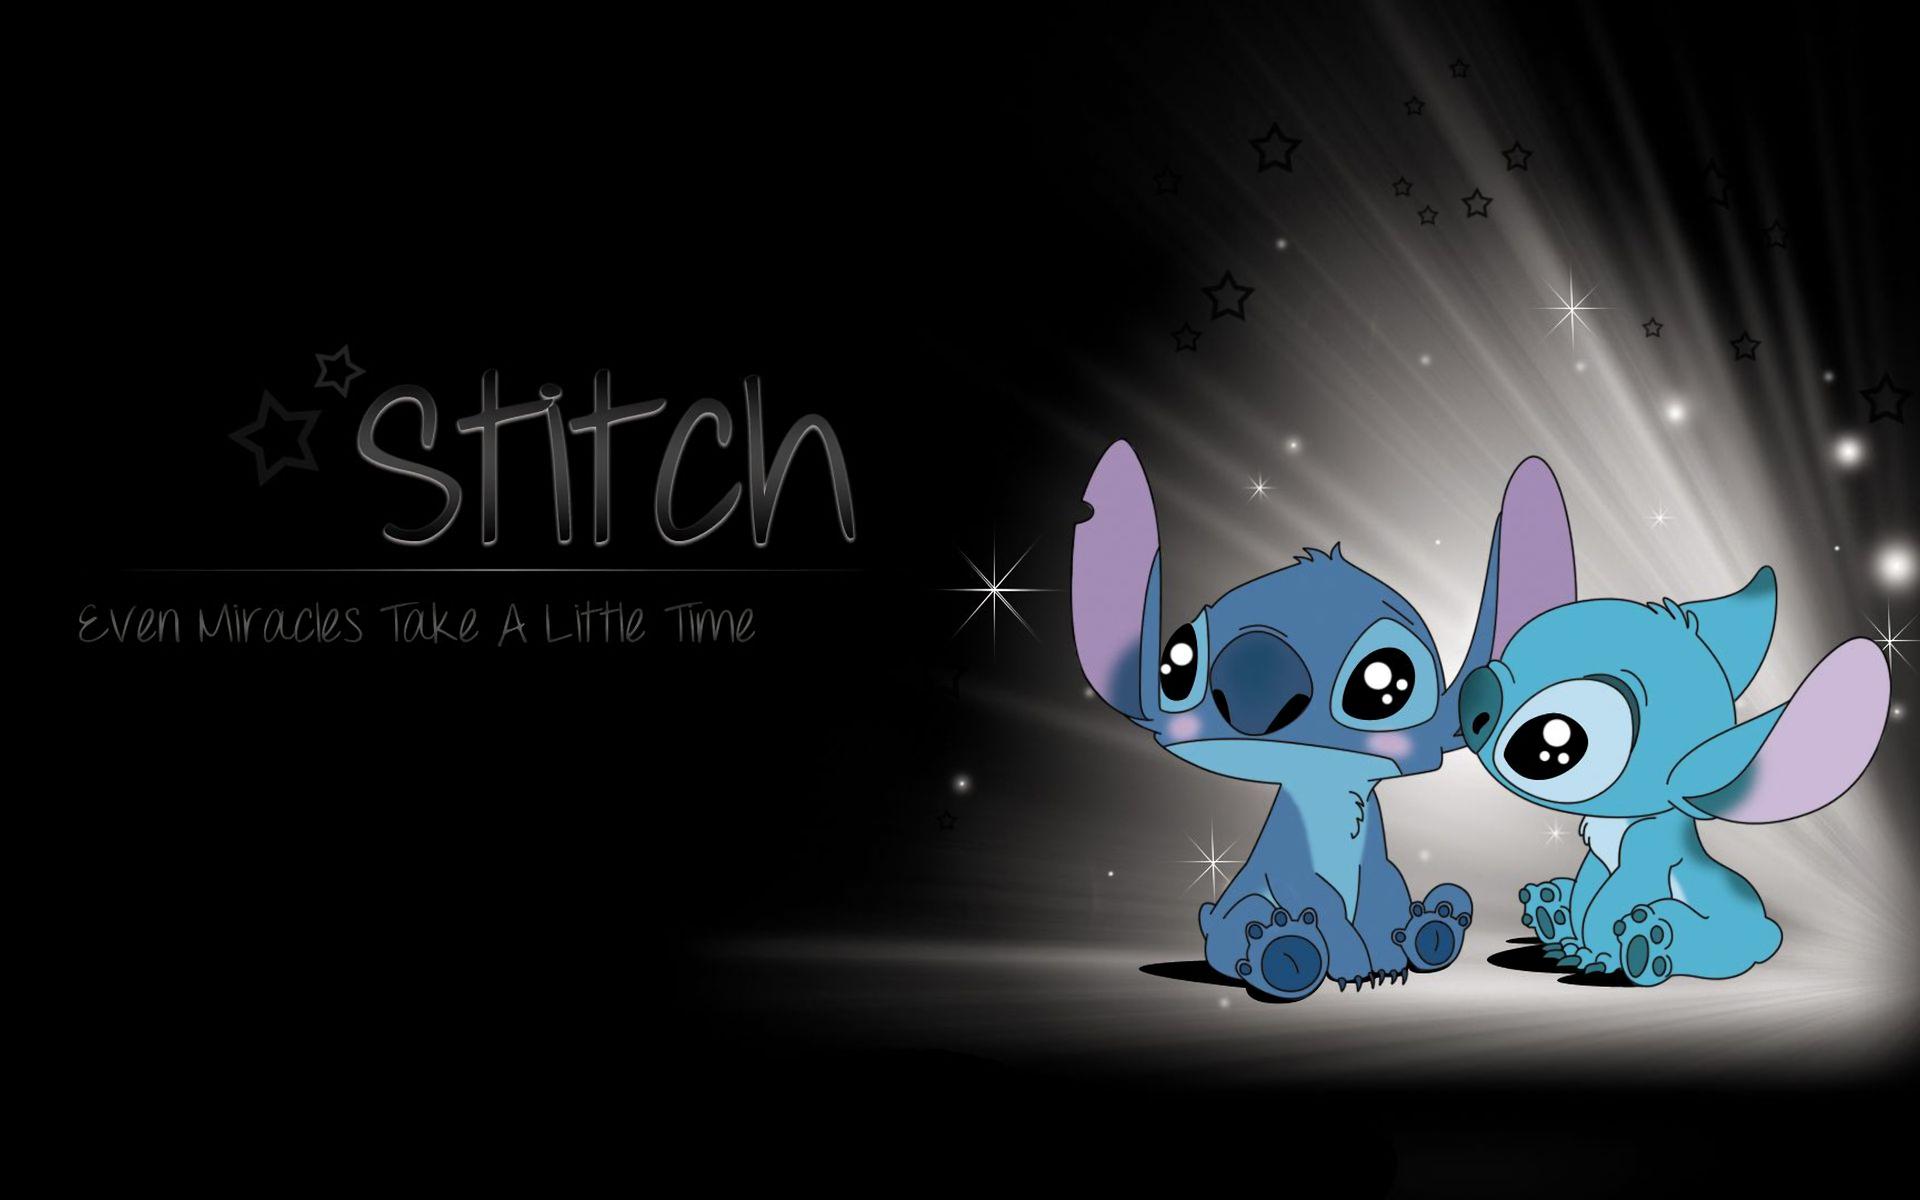 Lilo & Stitch Fond d'écran HD | Arrière-Plan | 1920x1200 | ID:771155 - Wallpaper Abyss